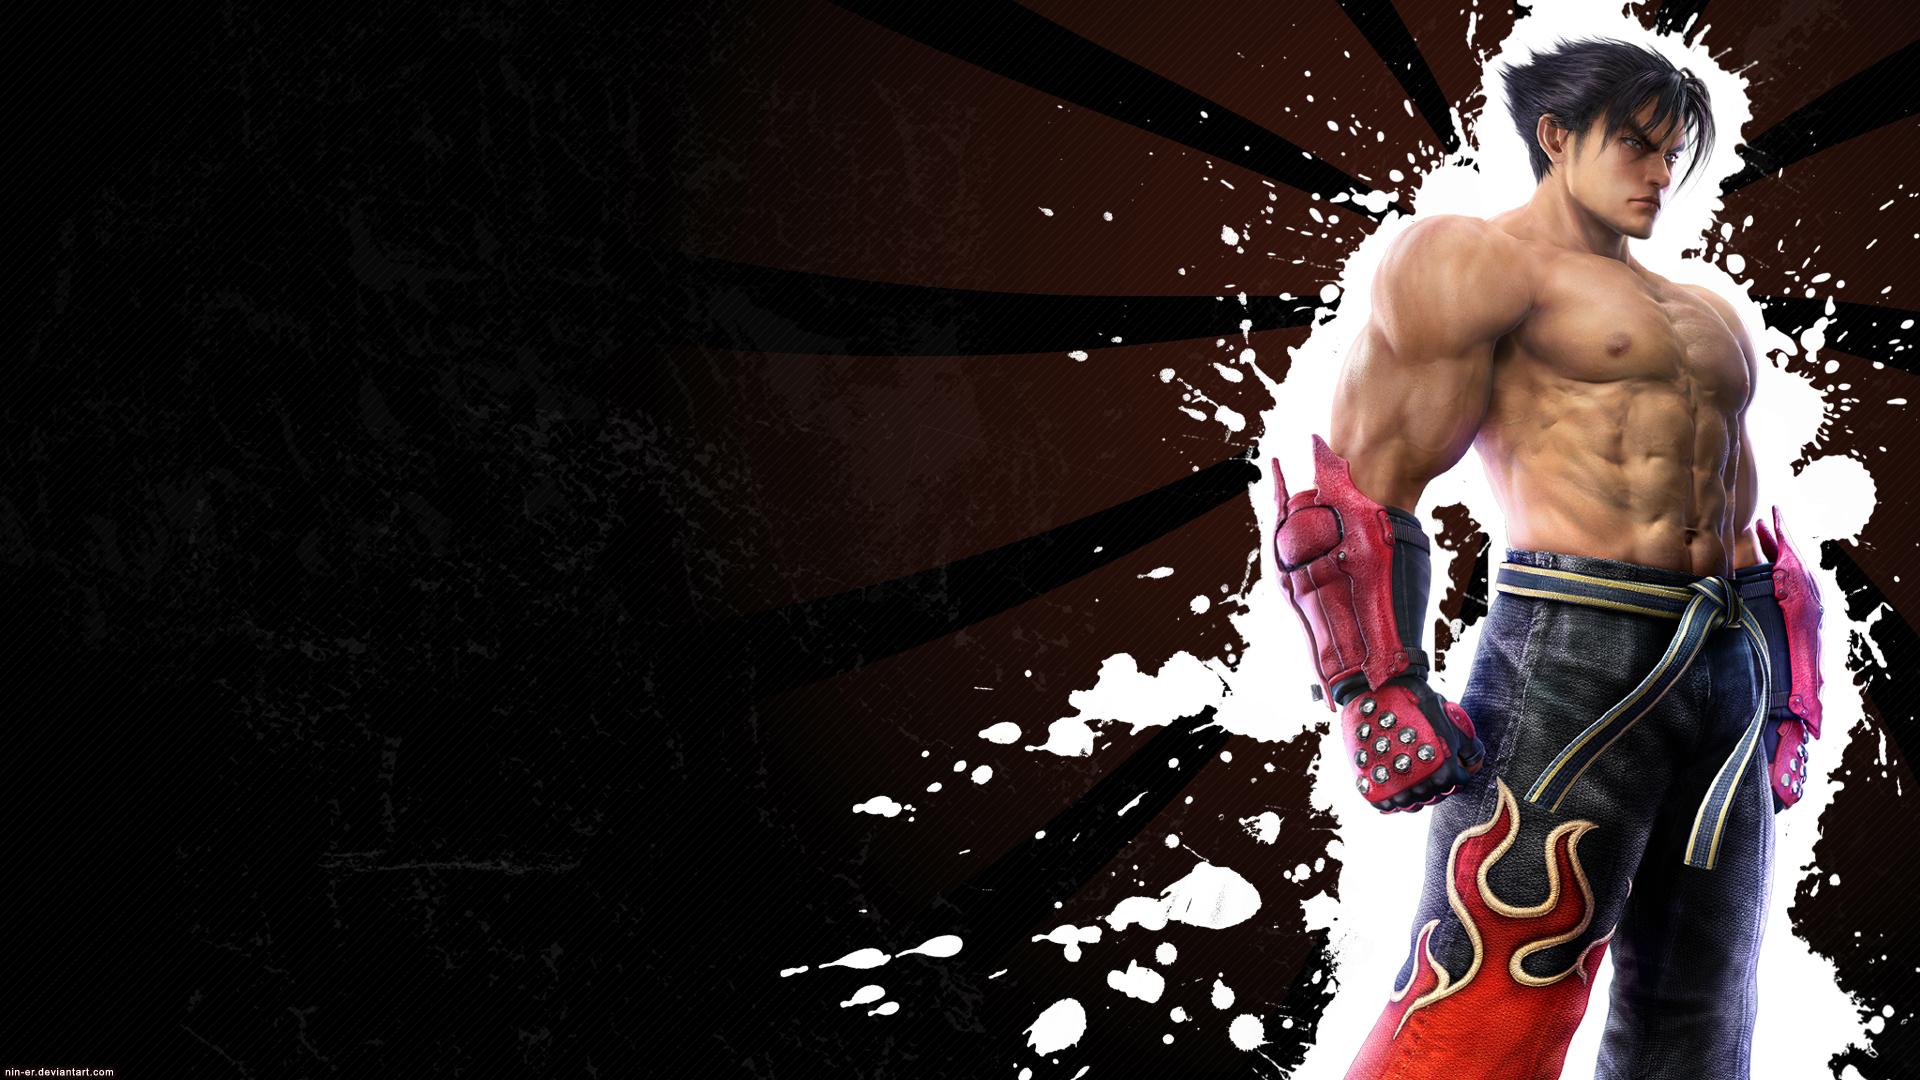 Tekken Wallpapers